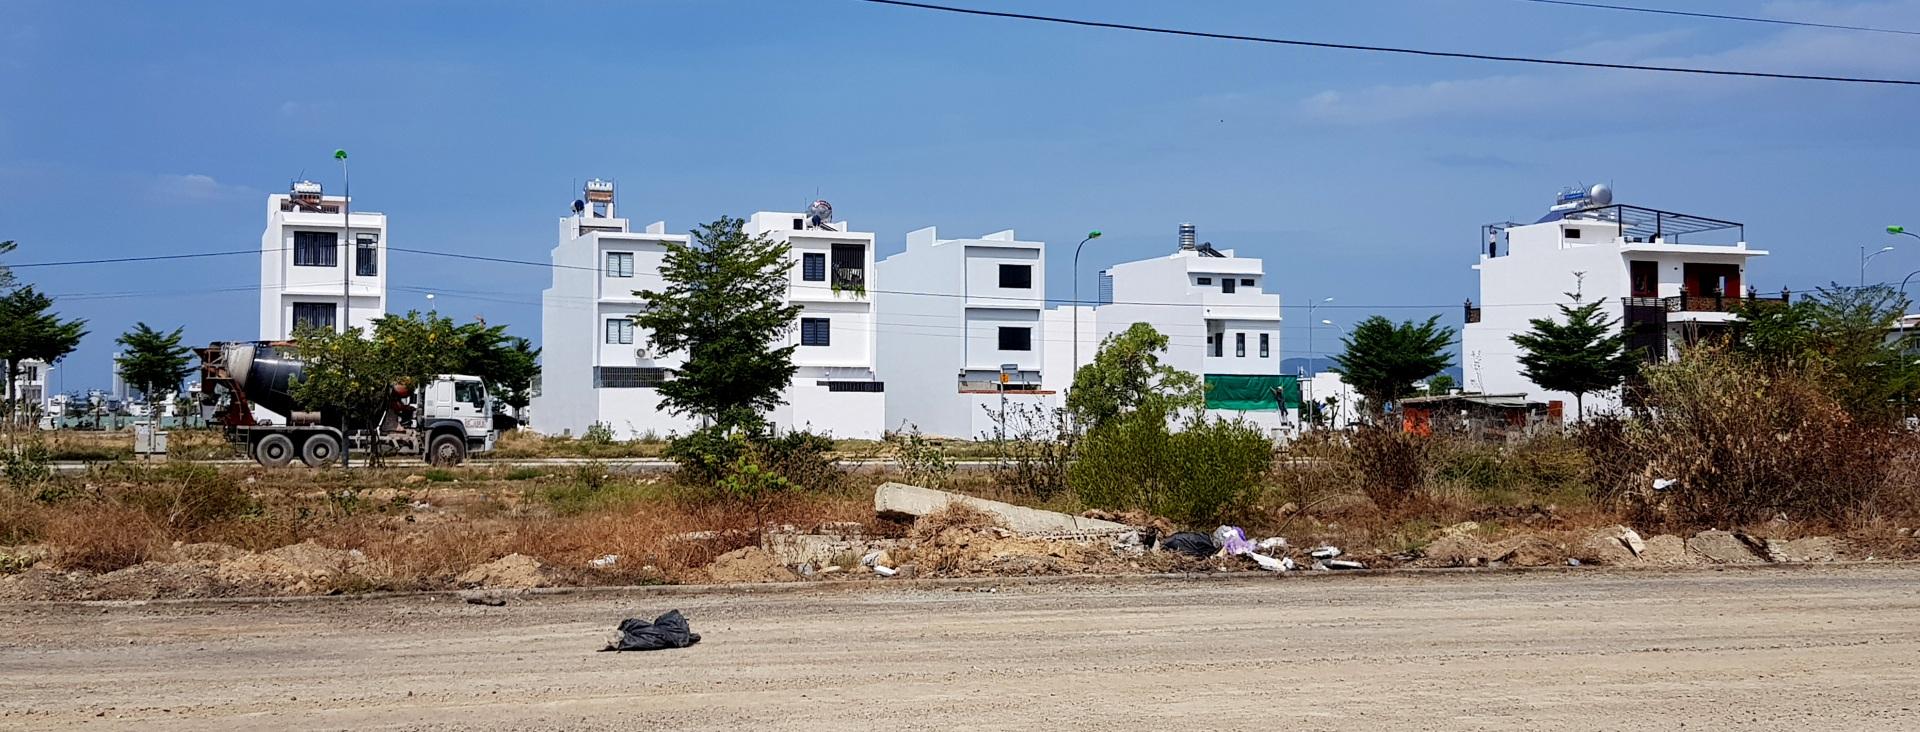 Nha Trang - Khánh Hòa: Về Dự án Đầu tư, xây dựng hạ tầng kỹ thuật Khu đô thị Mỹ Gia (Kỳ 7)